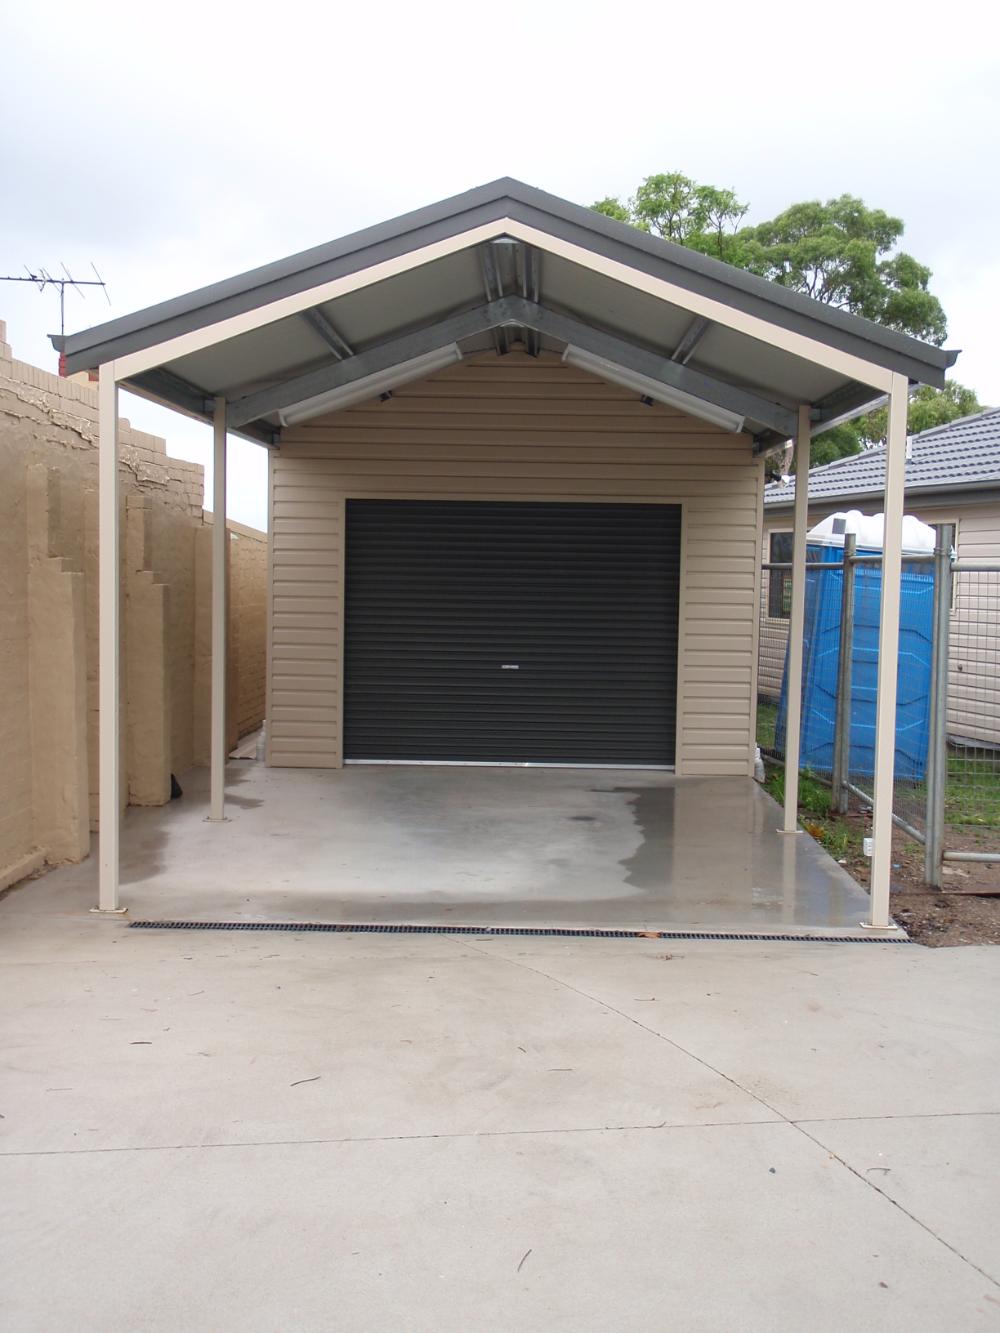 Sydney Sheds Garages Carport designs, Gable roof, Shed